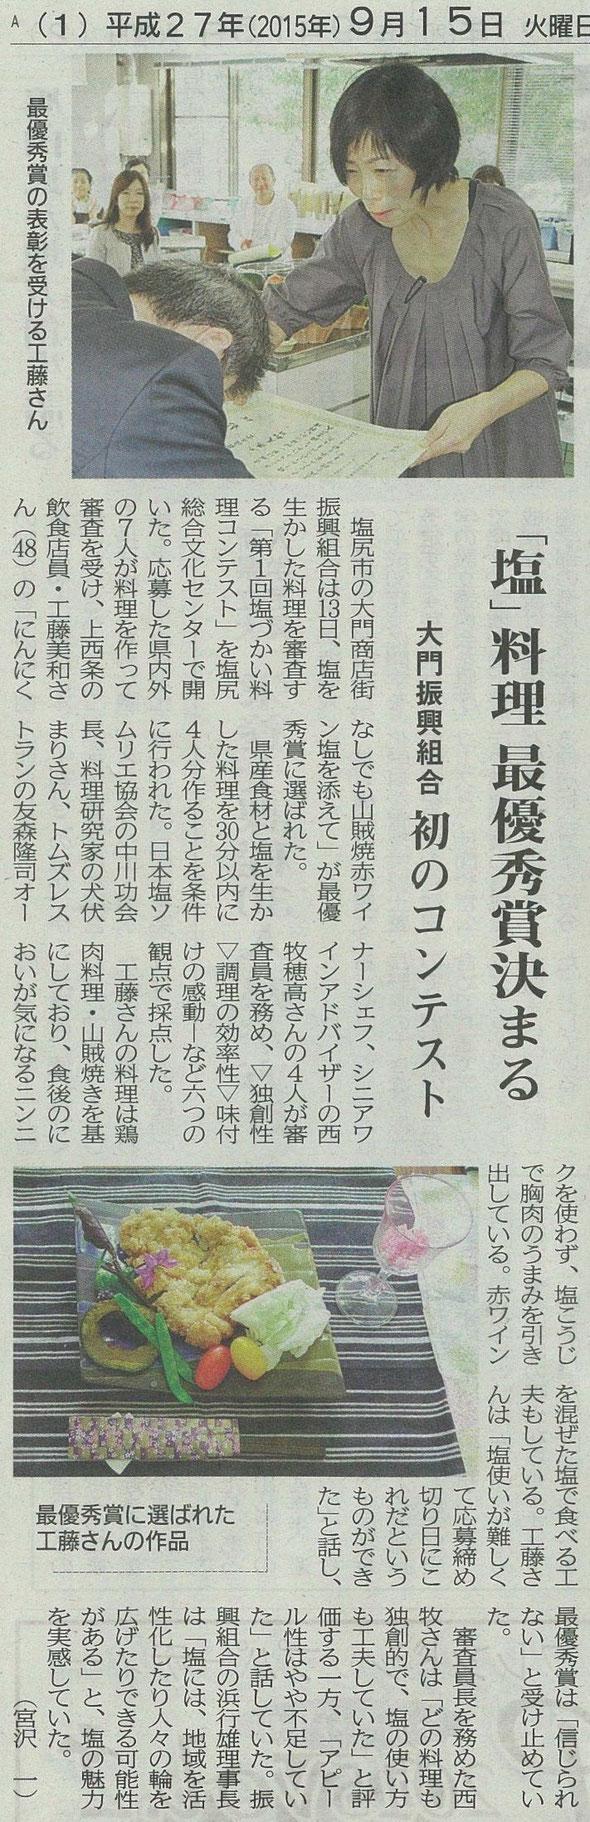 20150915 市民タイムス塩尻面(1面)